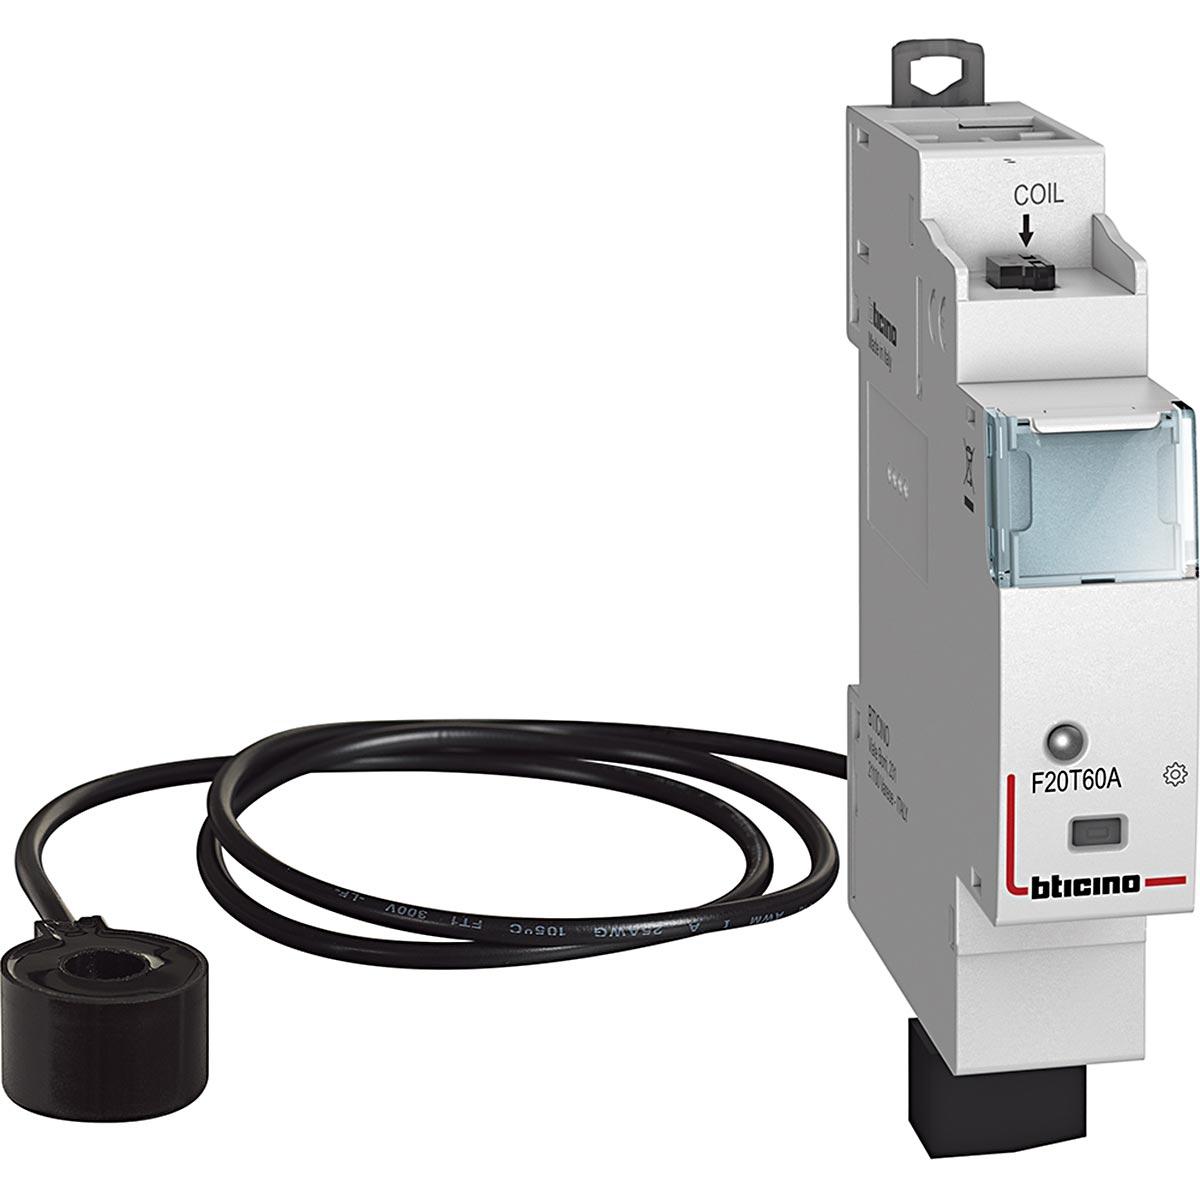 Misuratore consumo energia connesso Bticino Living F20T60A din